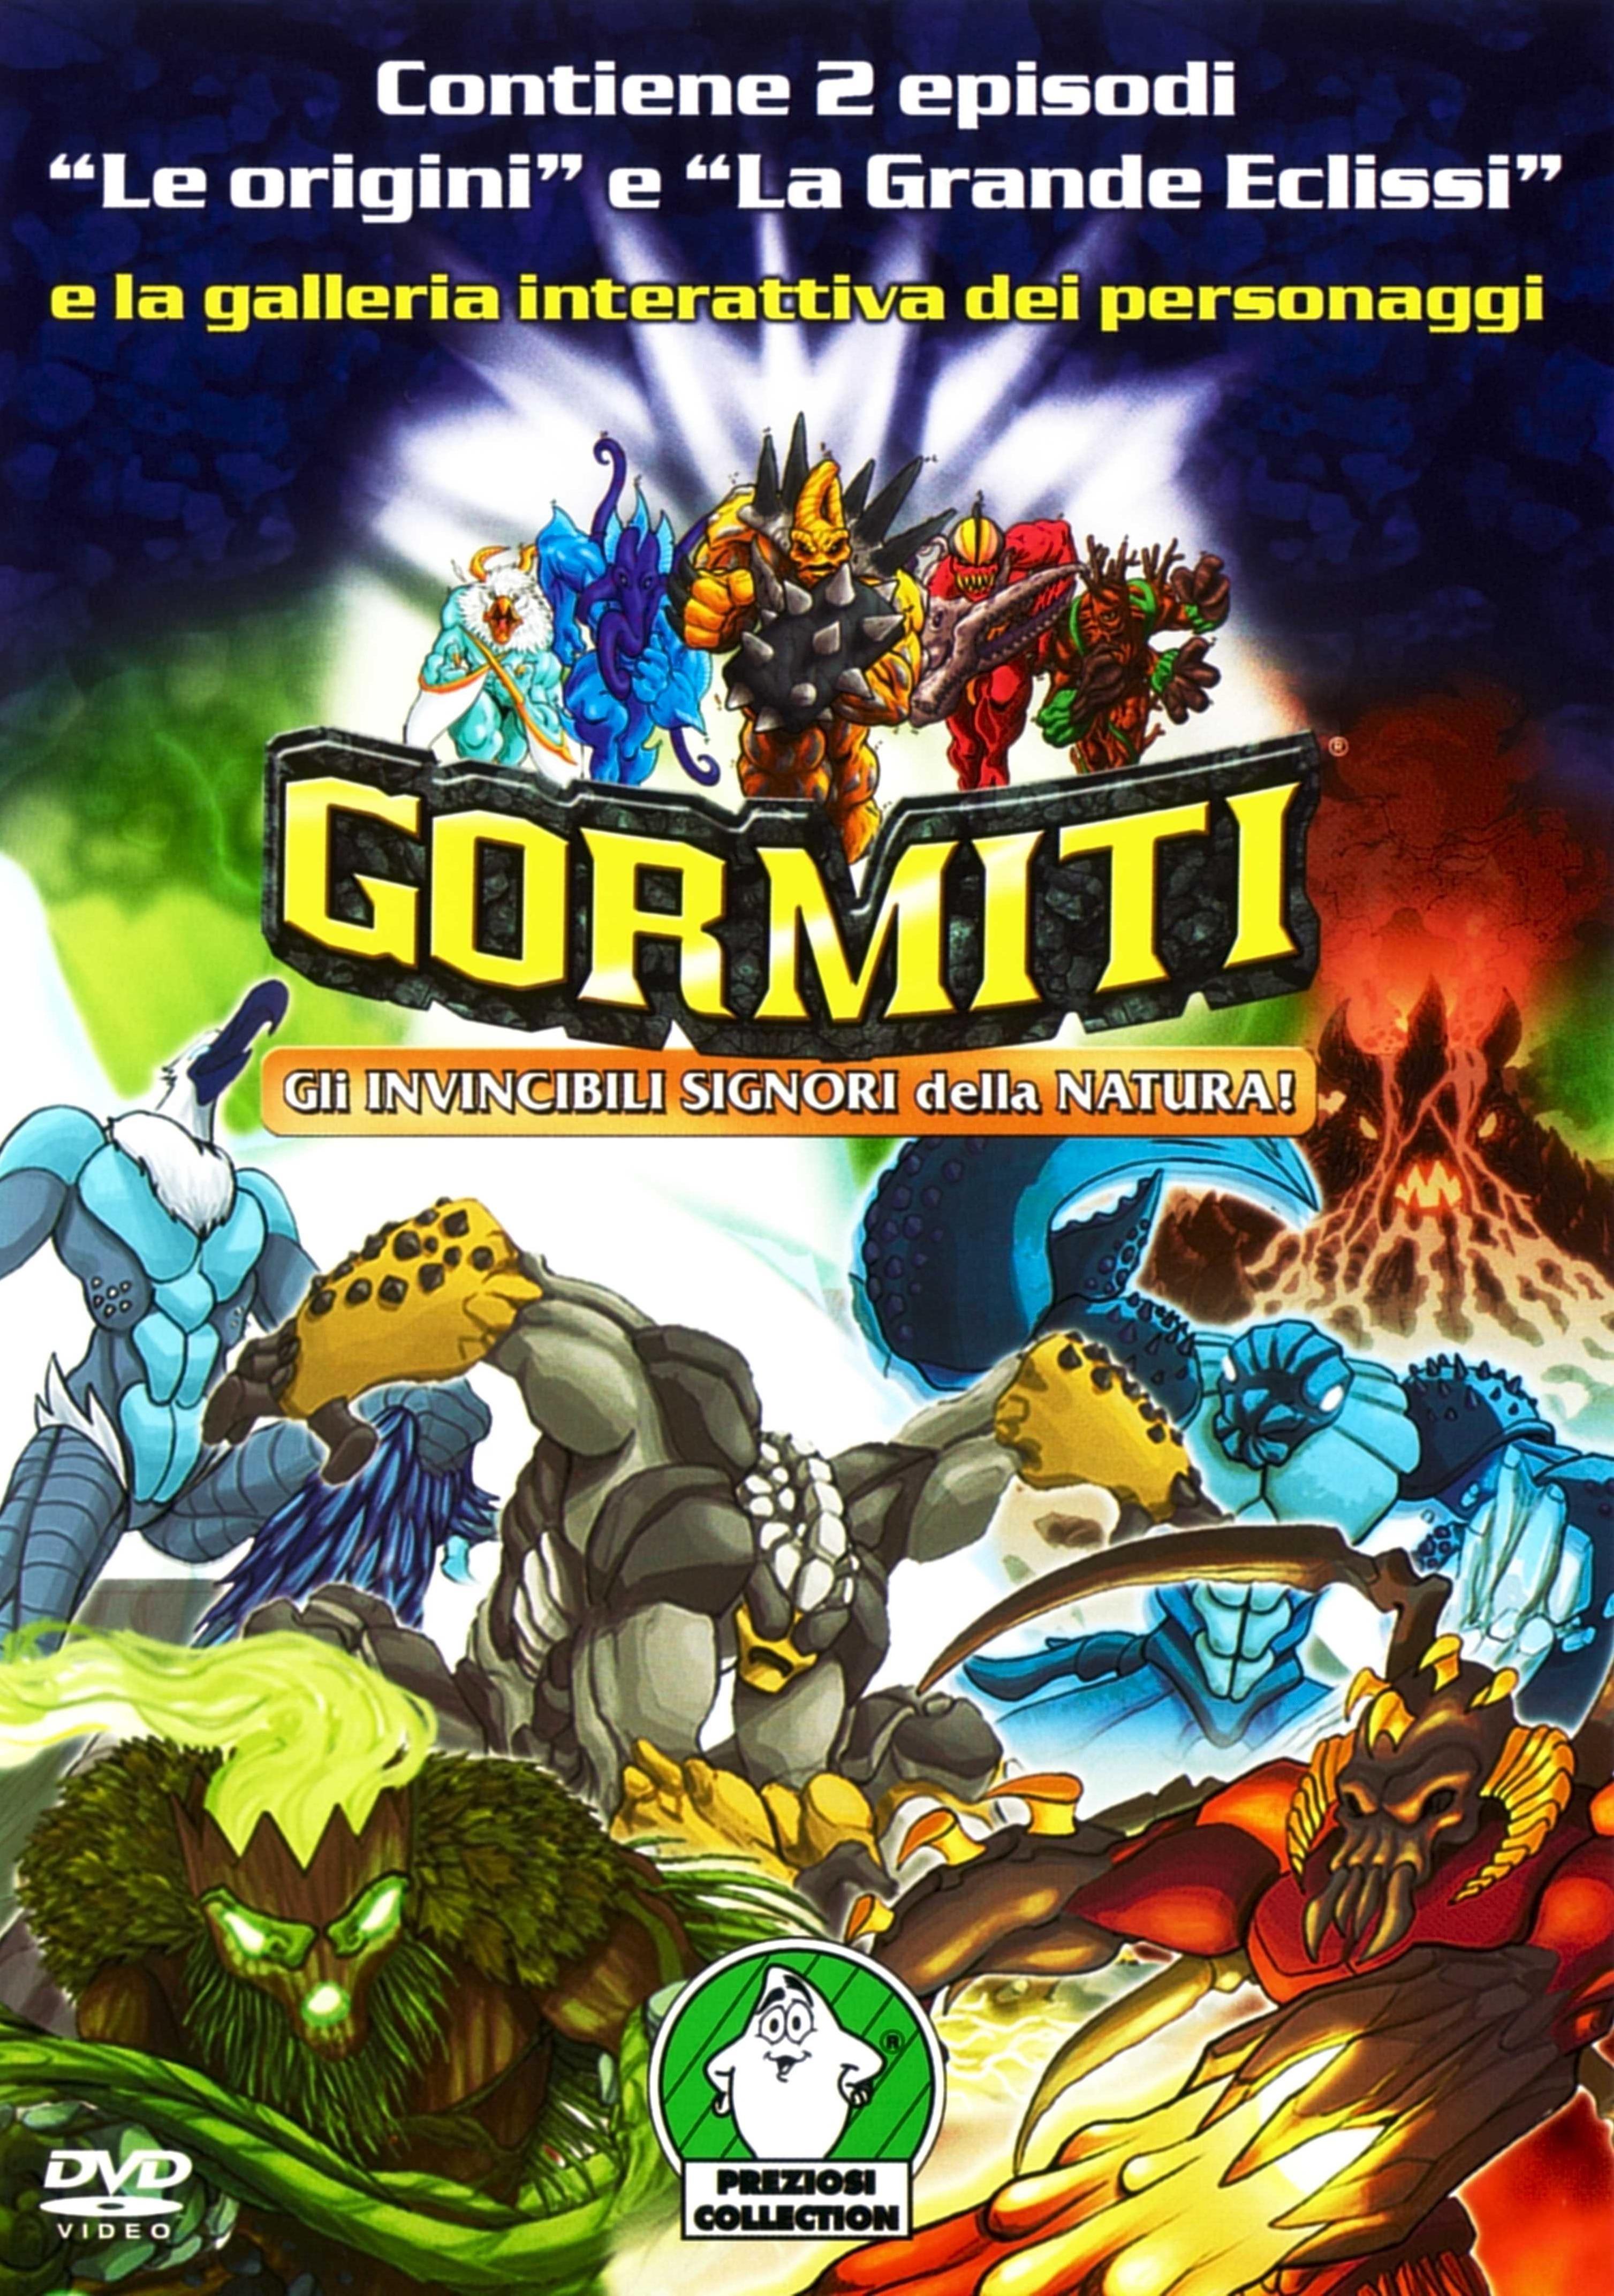 Гормити: Эра великого затмения